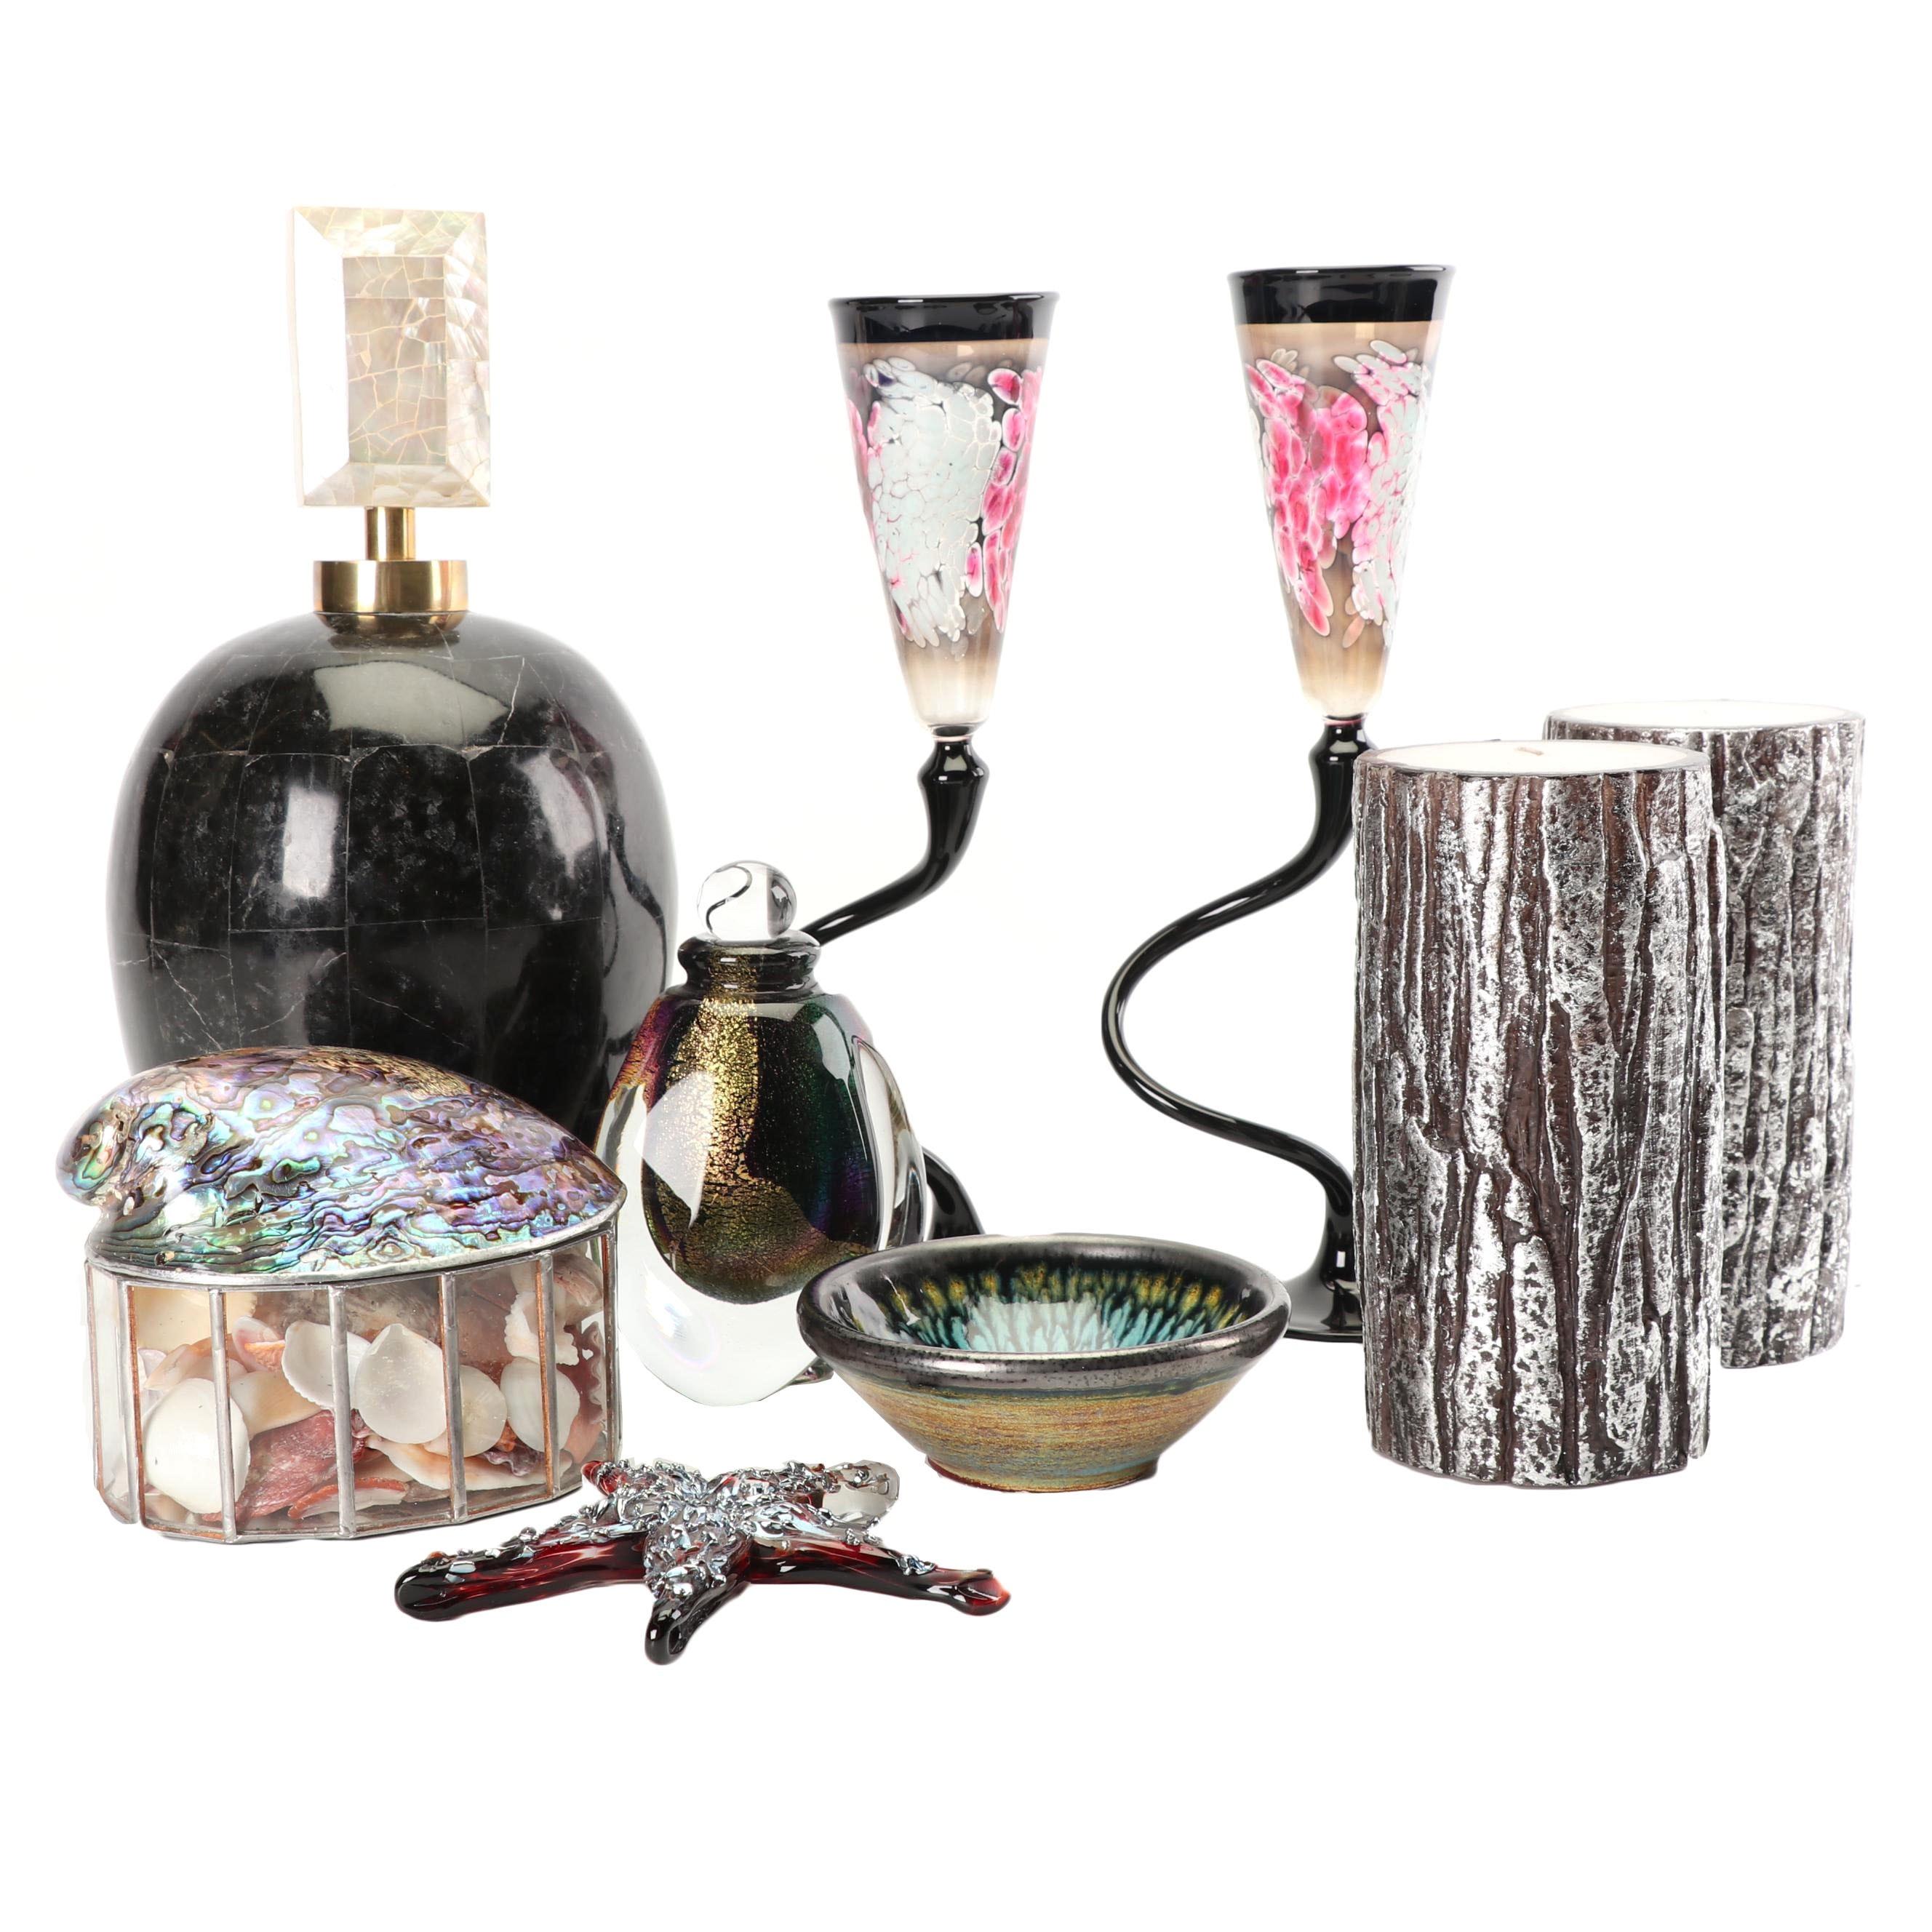 Contemporary Home Decor Including Art Glass